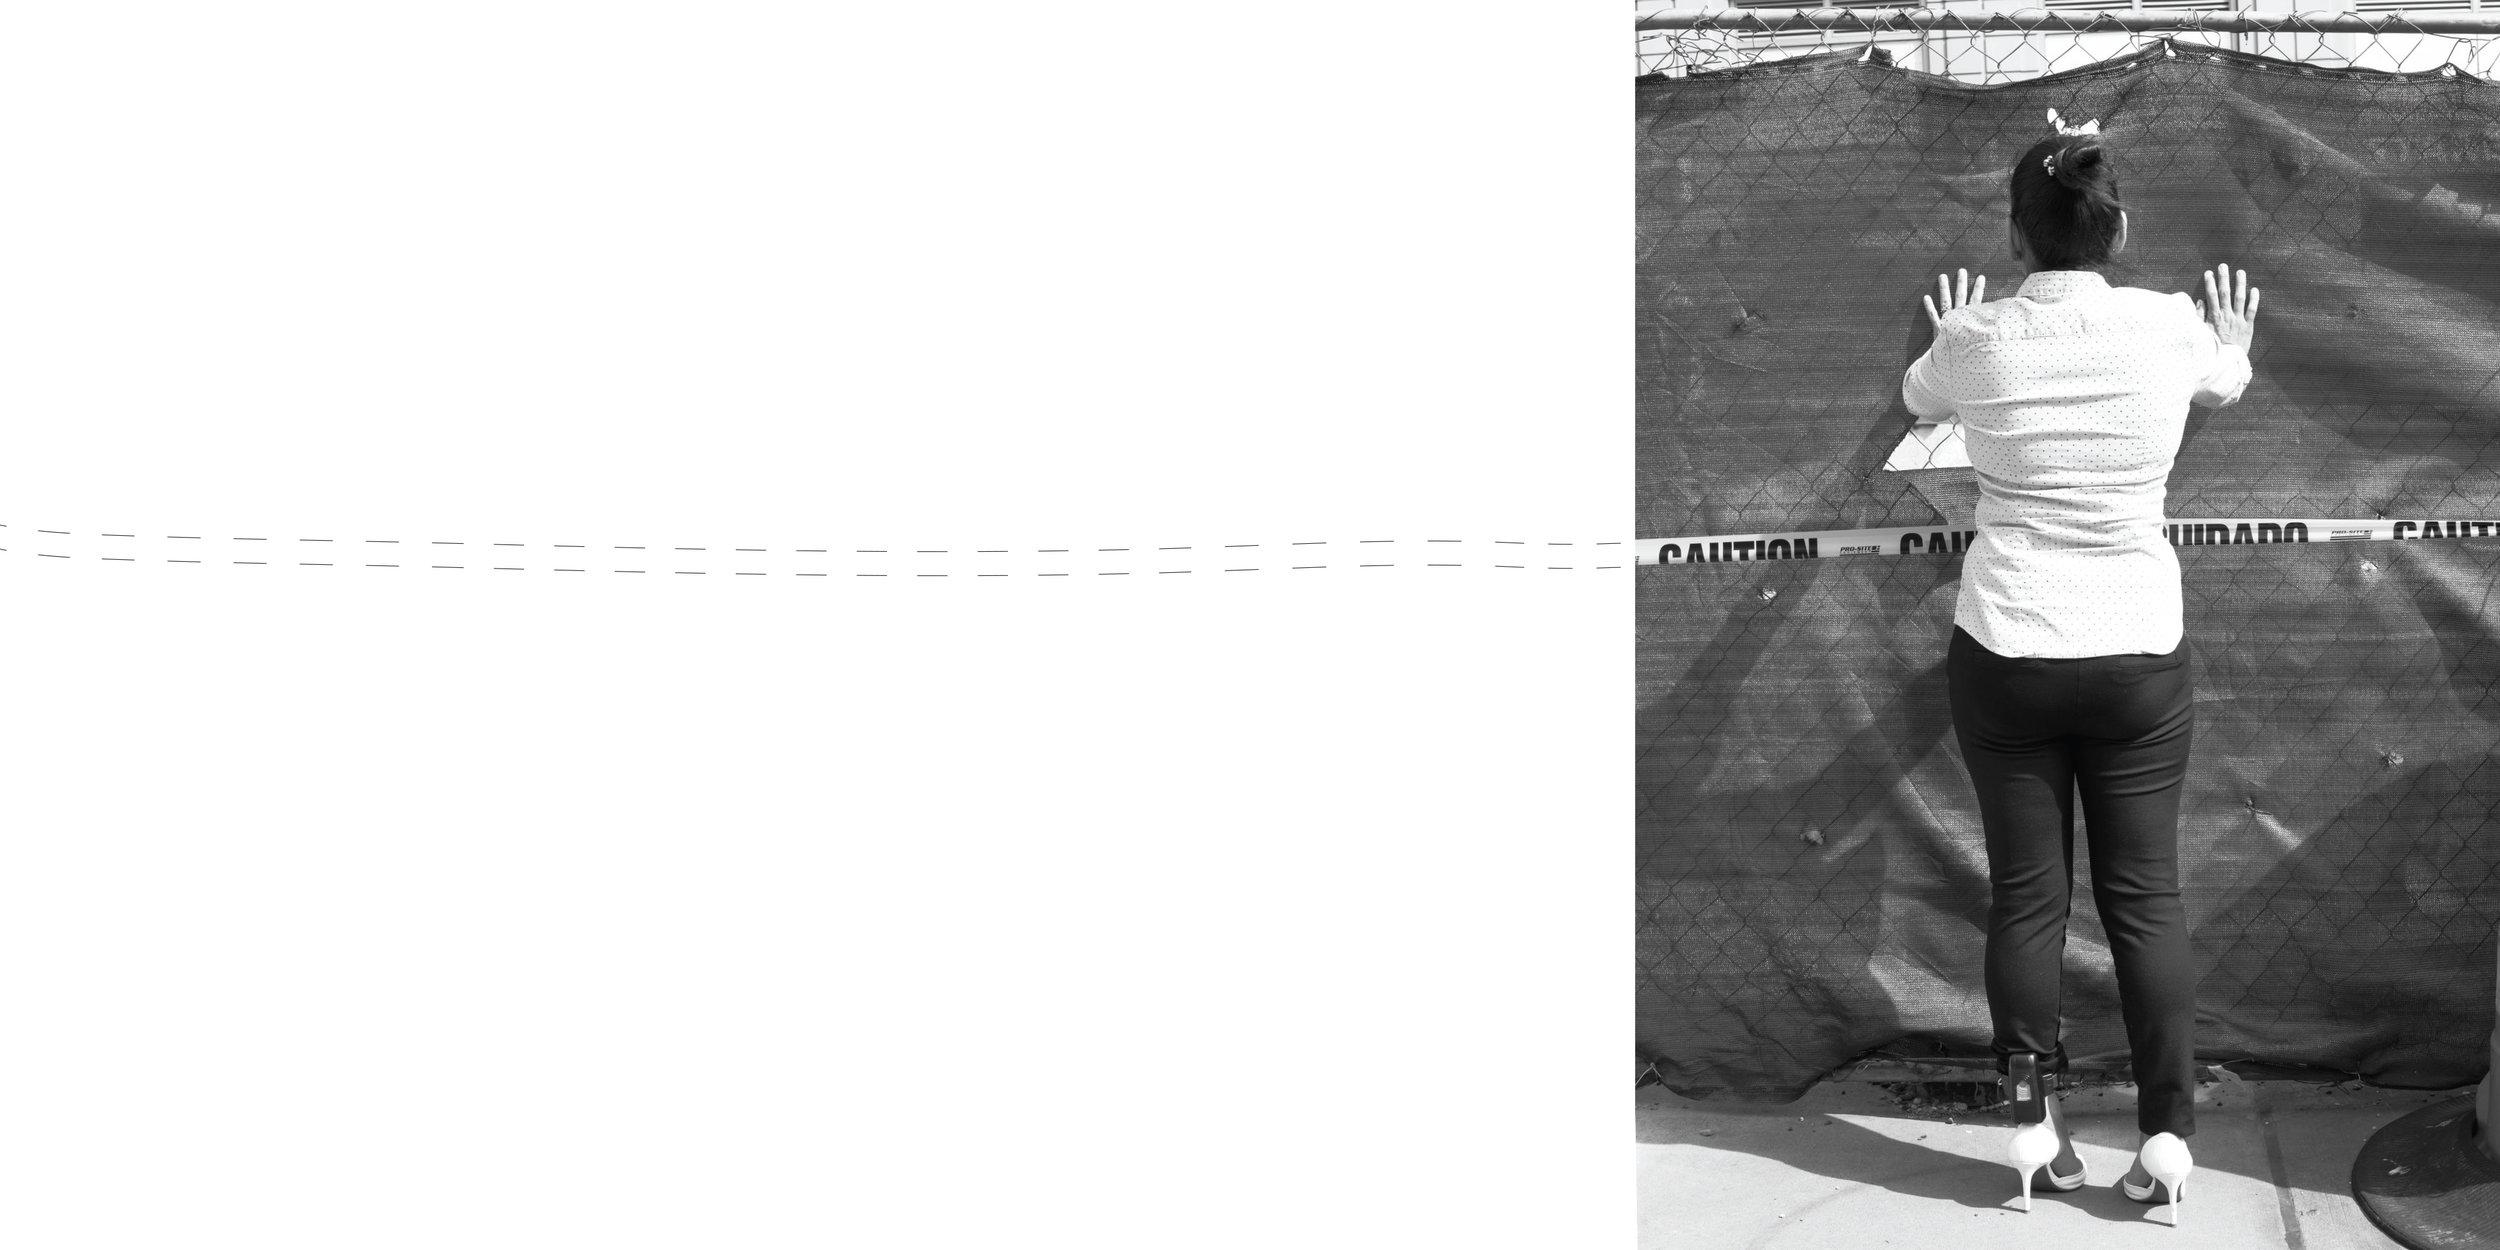 UATW-Interior-4-ej-20 copy.jpg